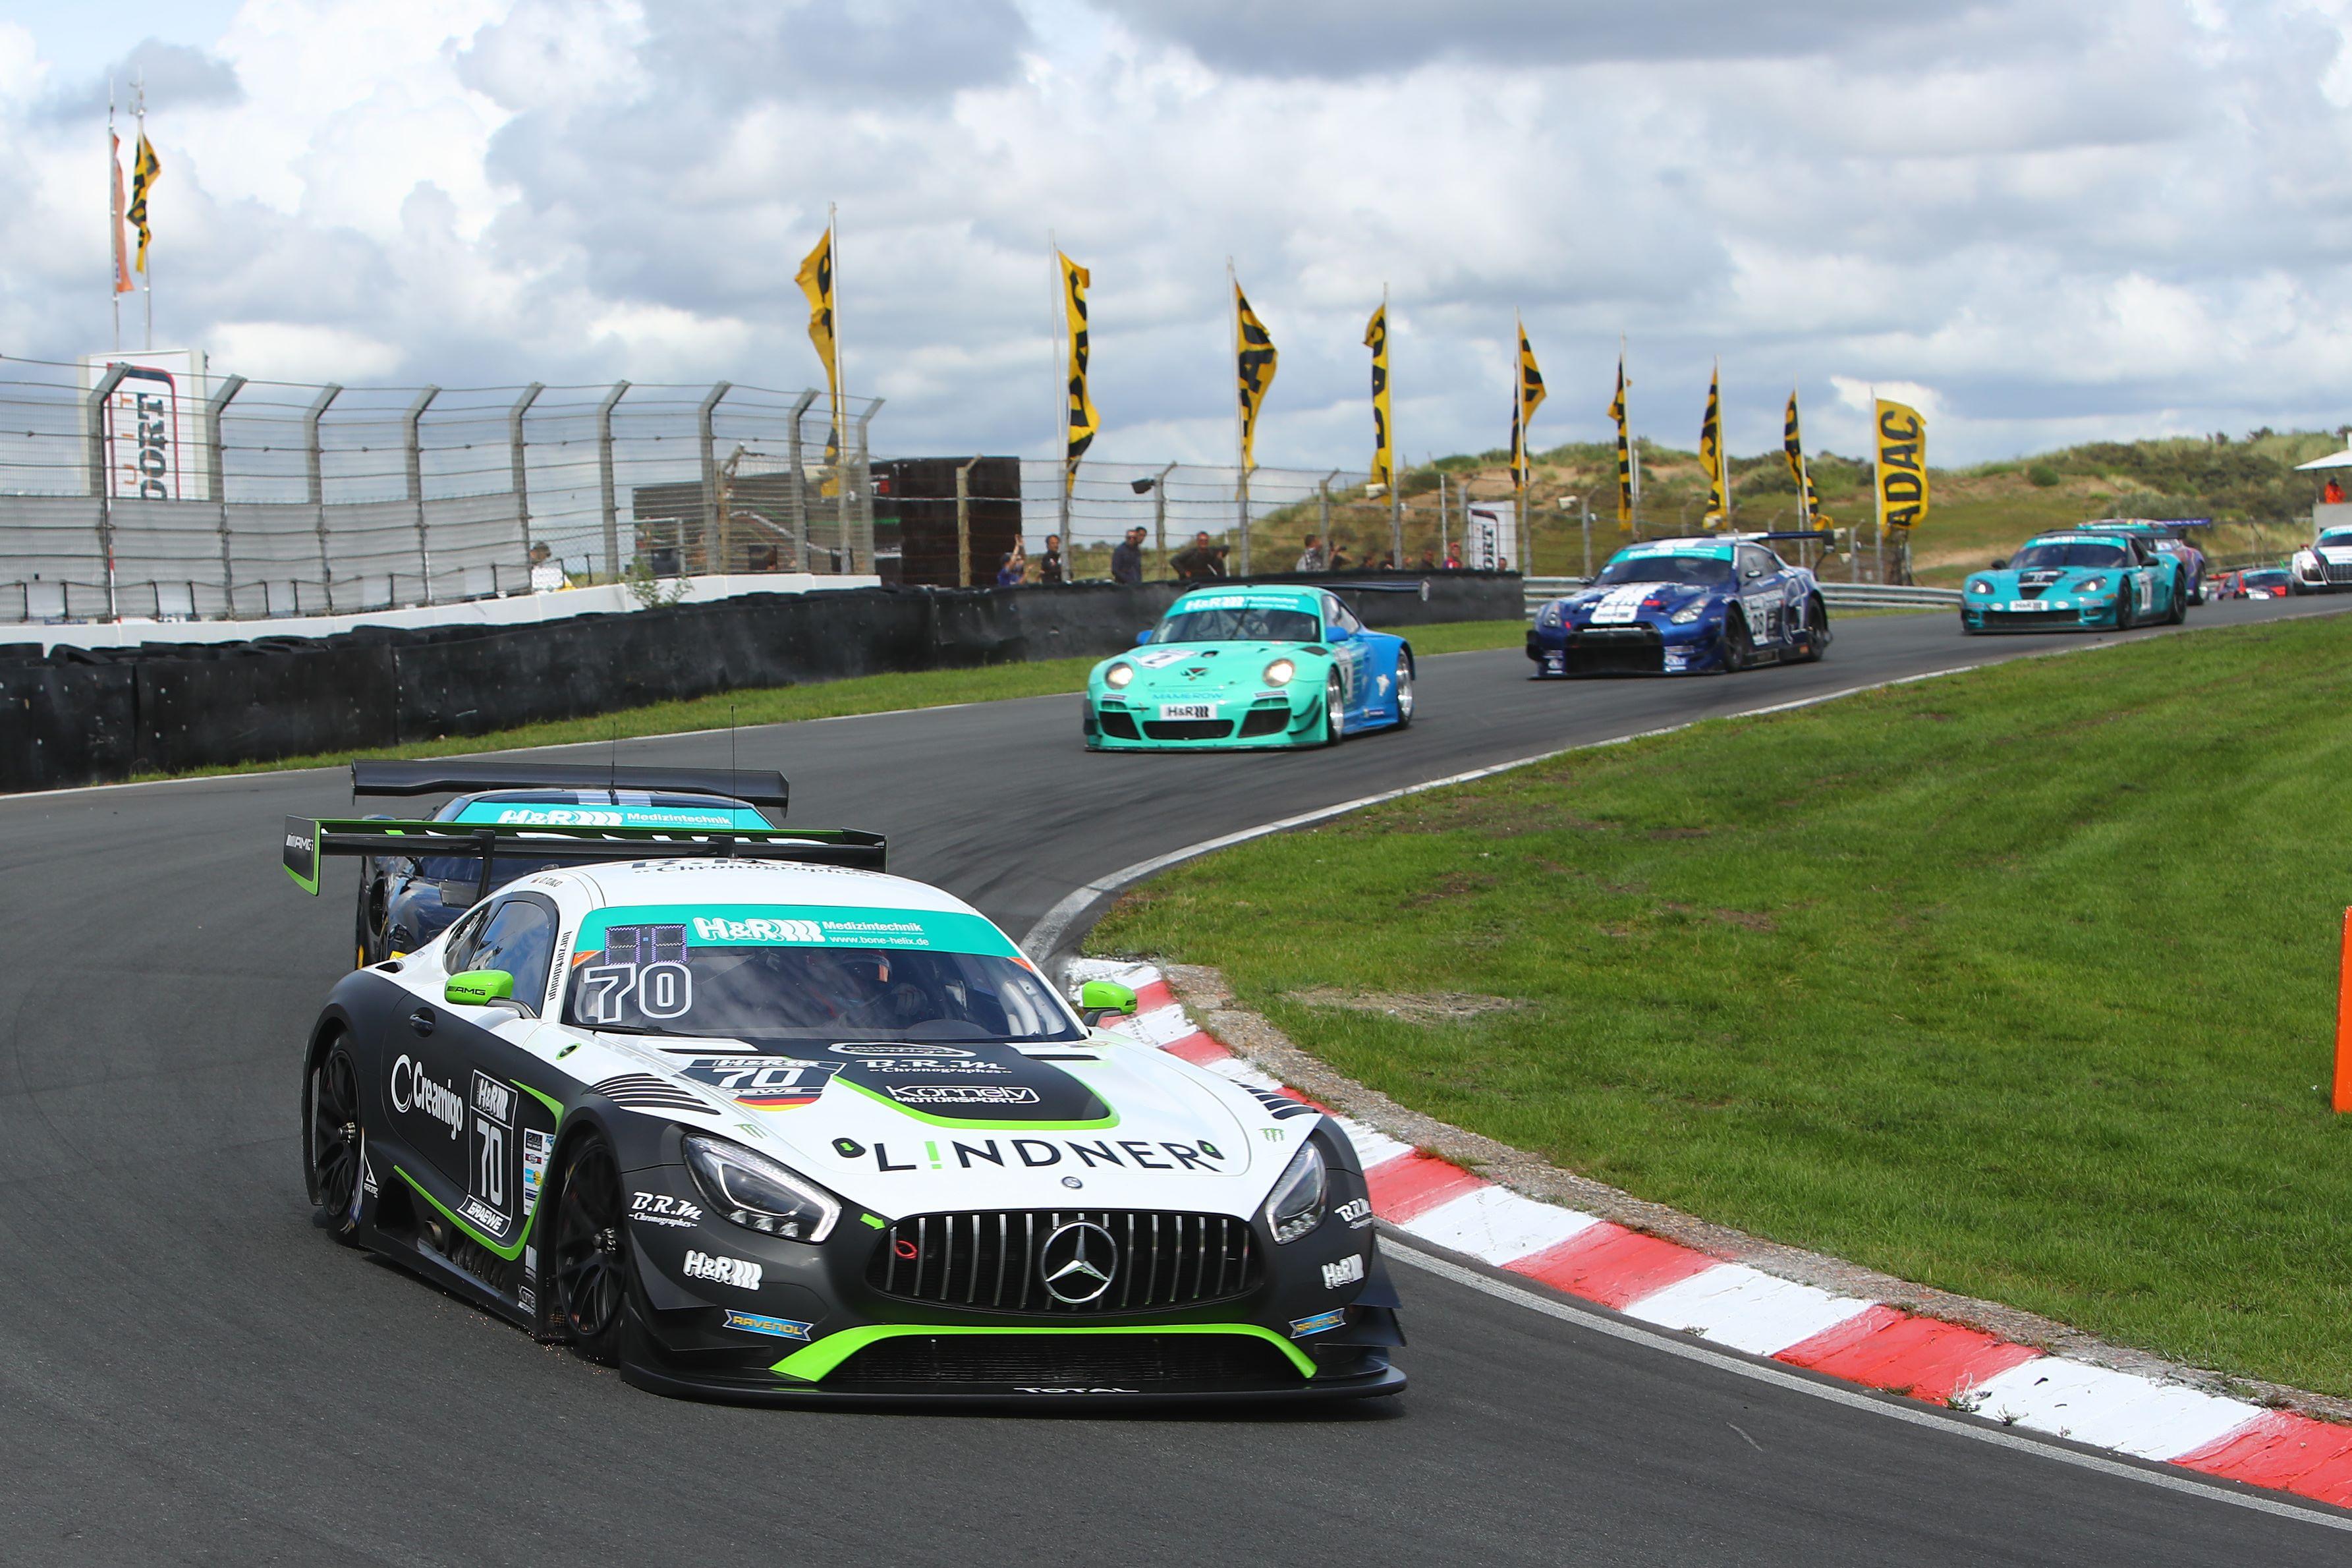 Nederlandse successen tijdens geslaagd ADAC GT Masters-weekeinde op Circuit Zandvoort